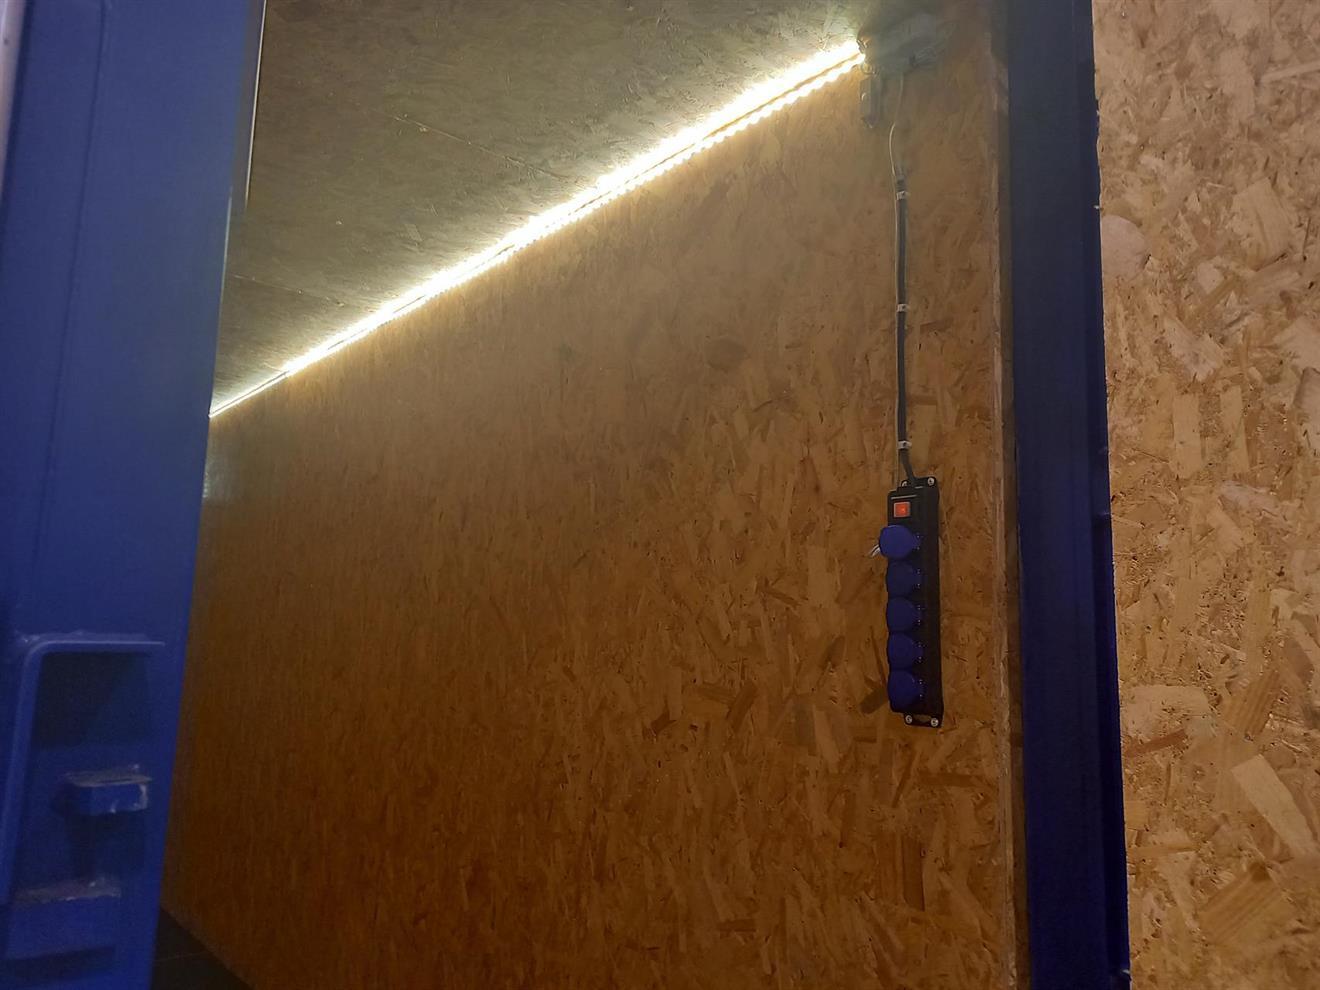 Opplegg for strøm med lys